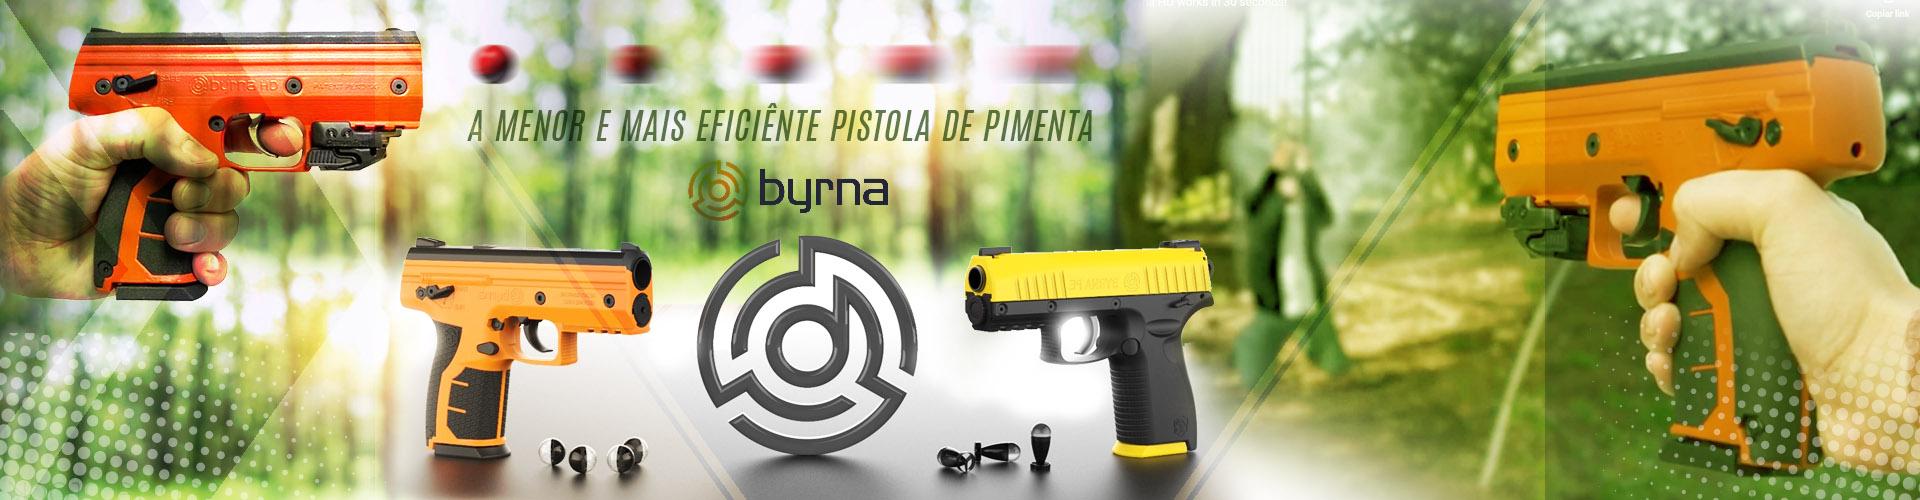 BYRNA